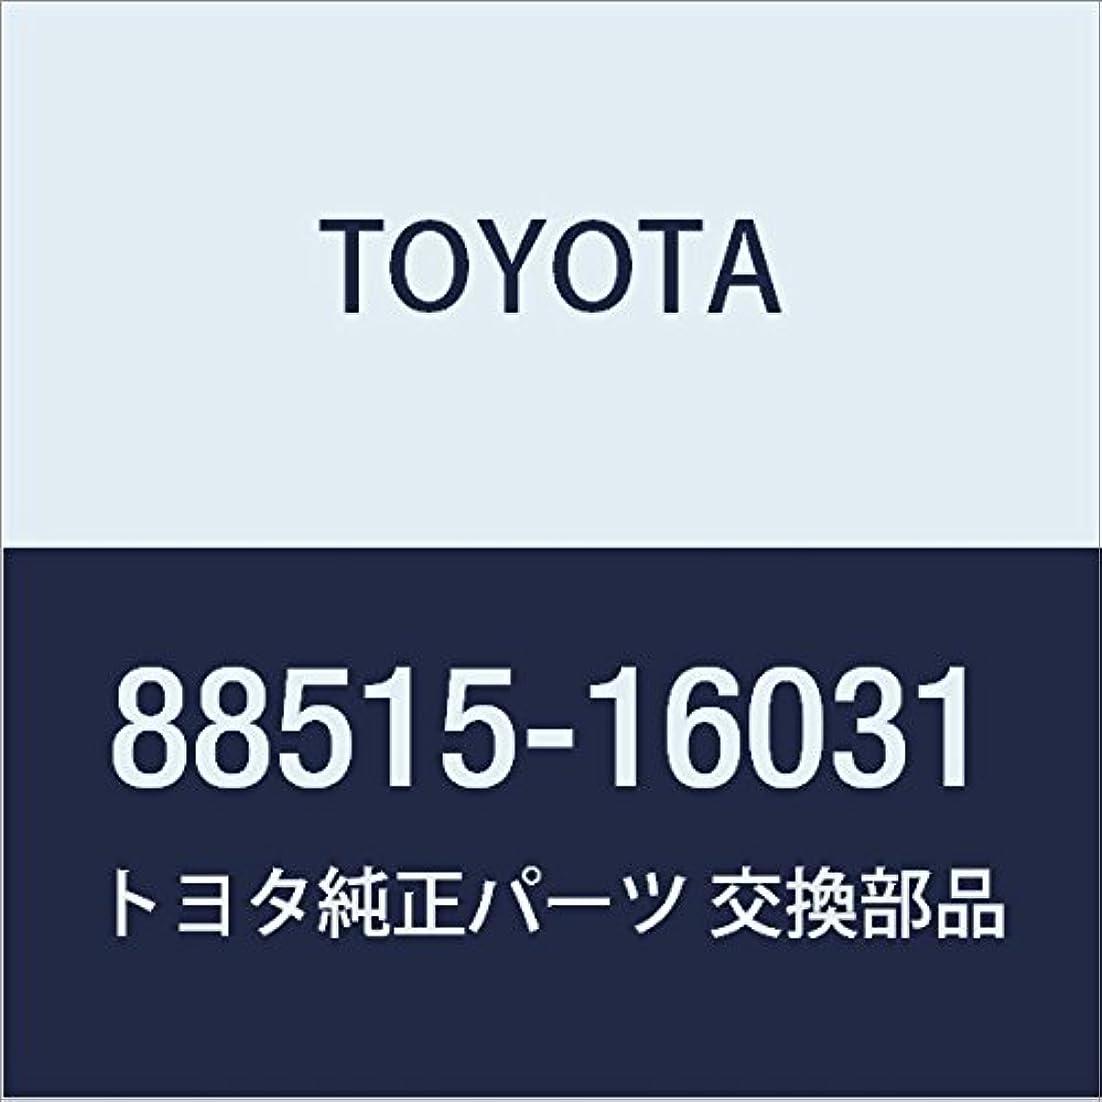 一上級援助TOYOTA (トヨタ) 純正部品 クーラ レシーバ & ドライヤASSY 品番88470-12070